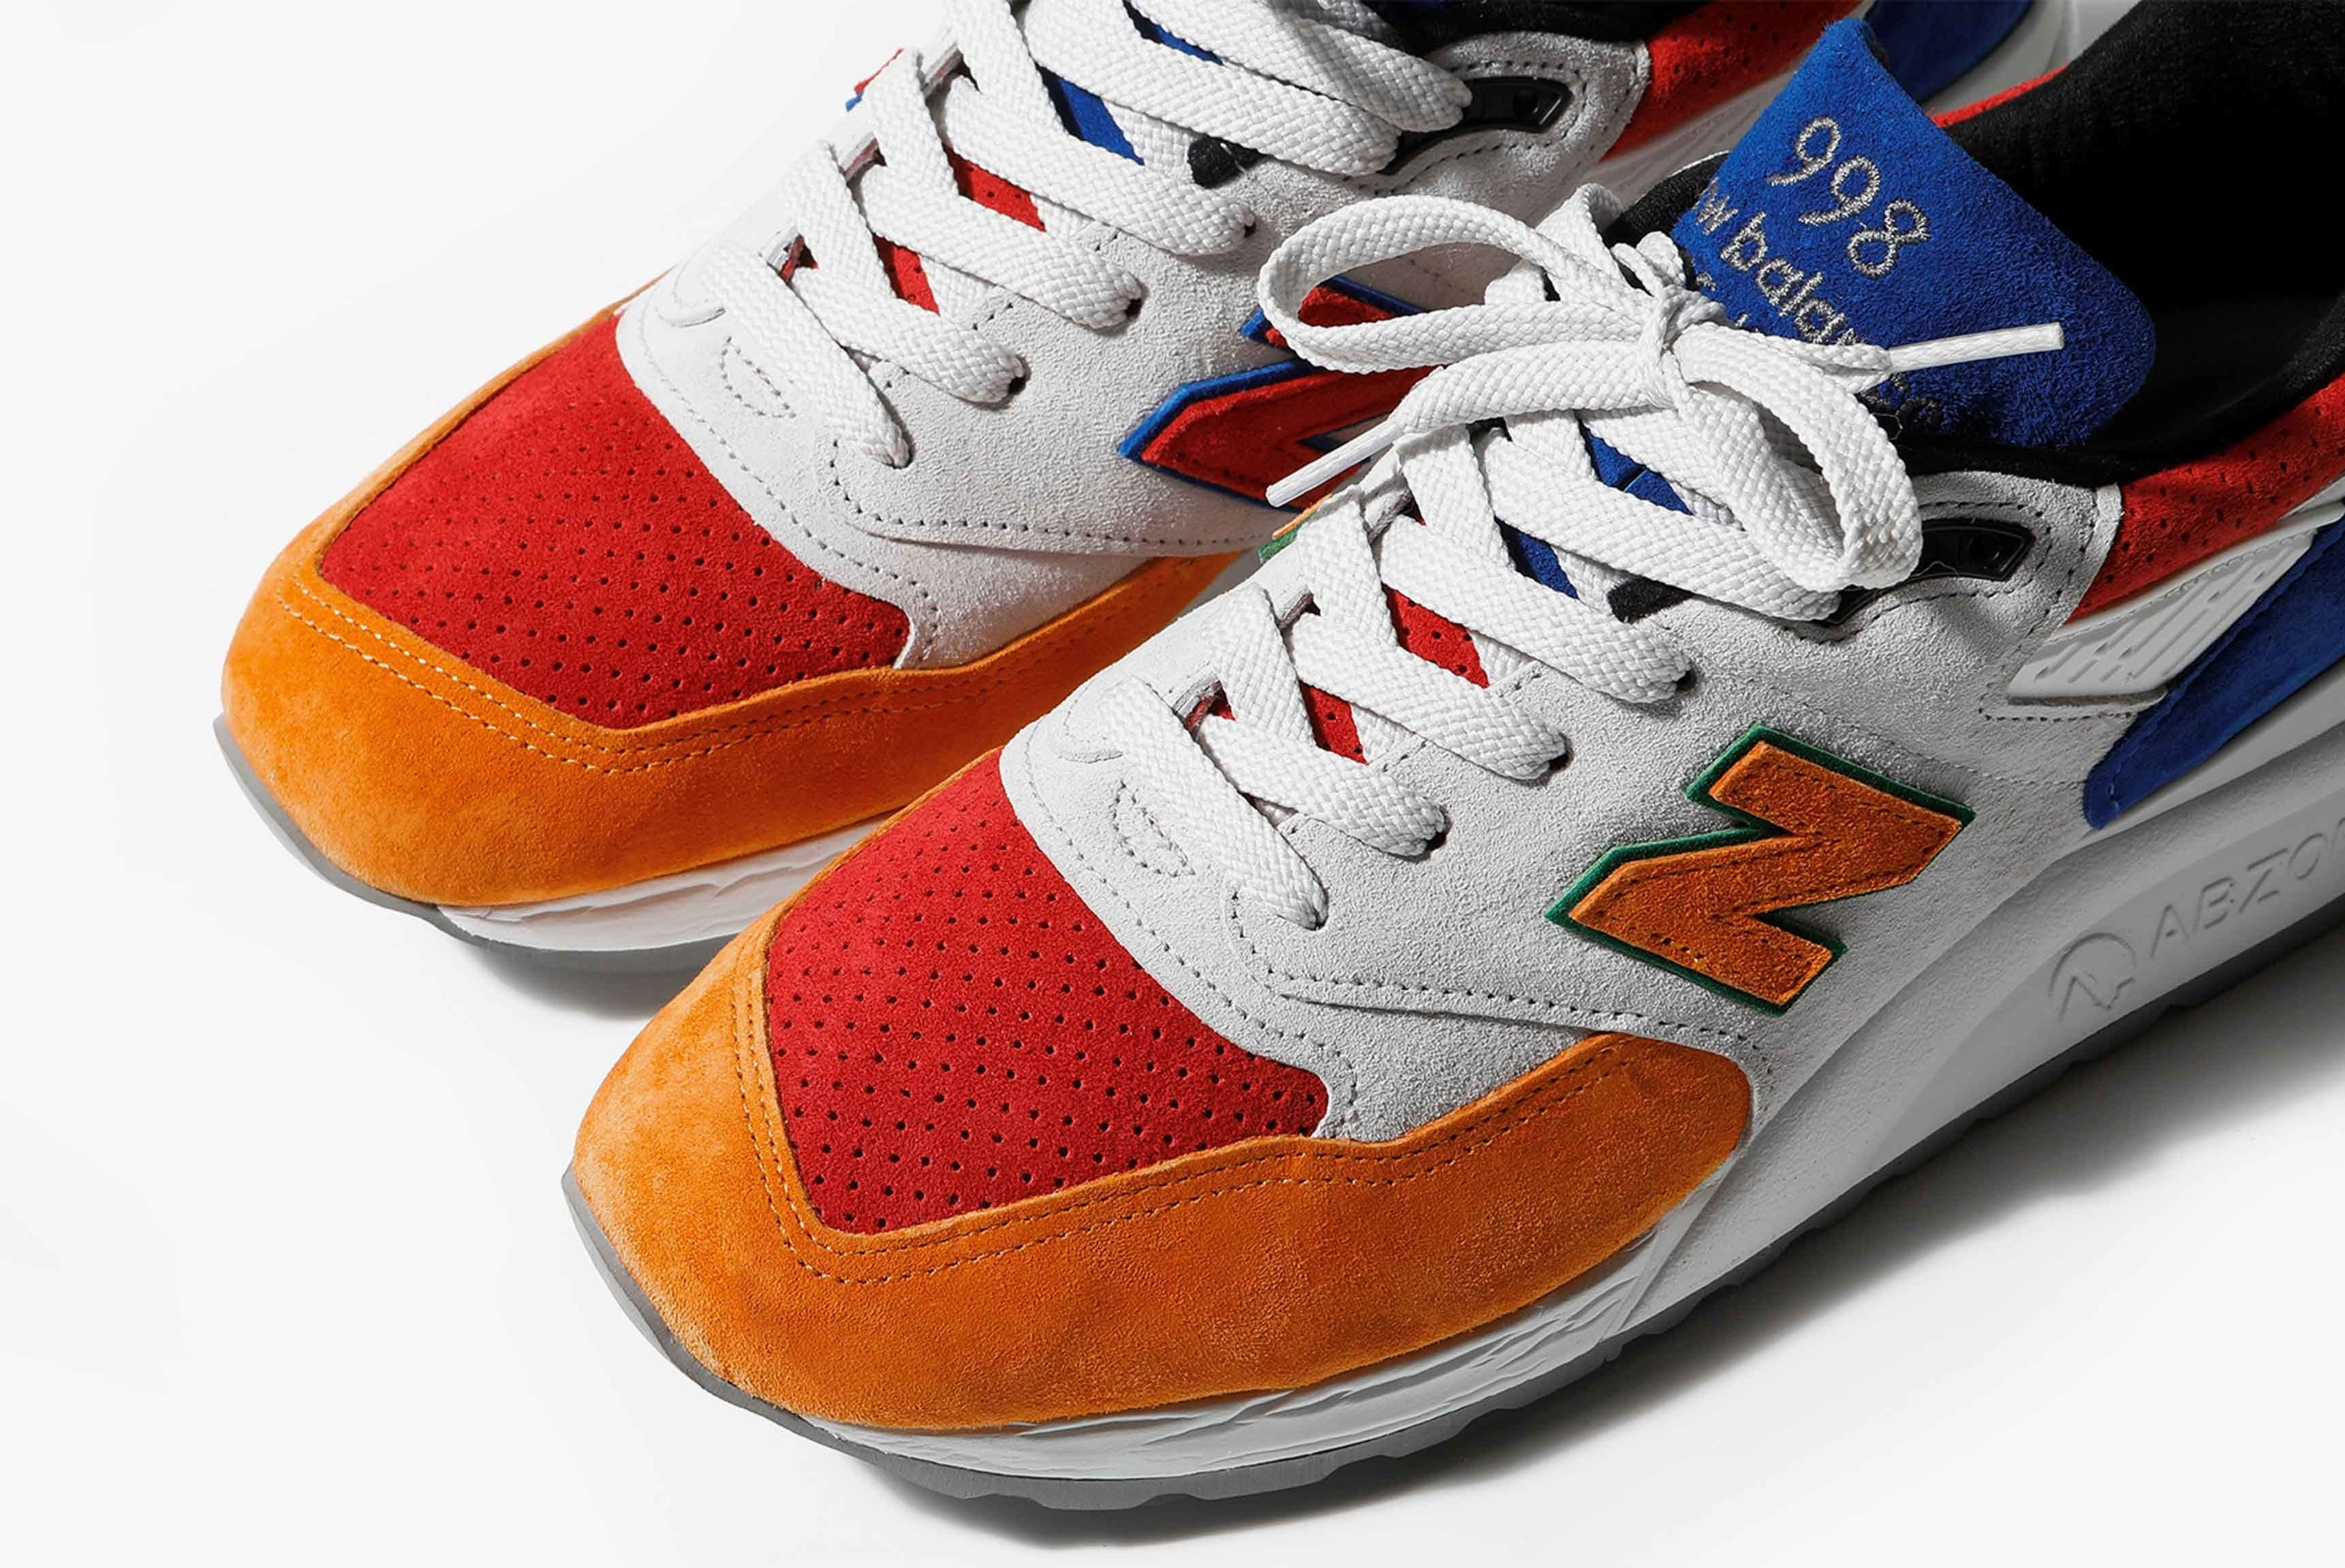 Bodega New Balance 998 Mass Transit Release Date 7 Sneaker Freaker